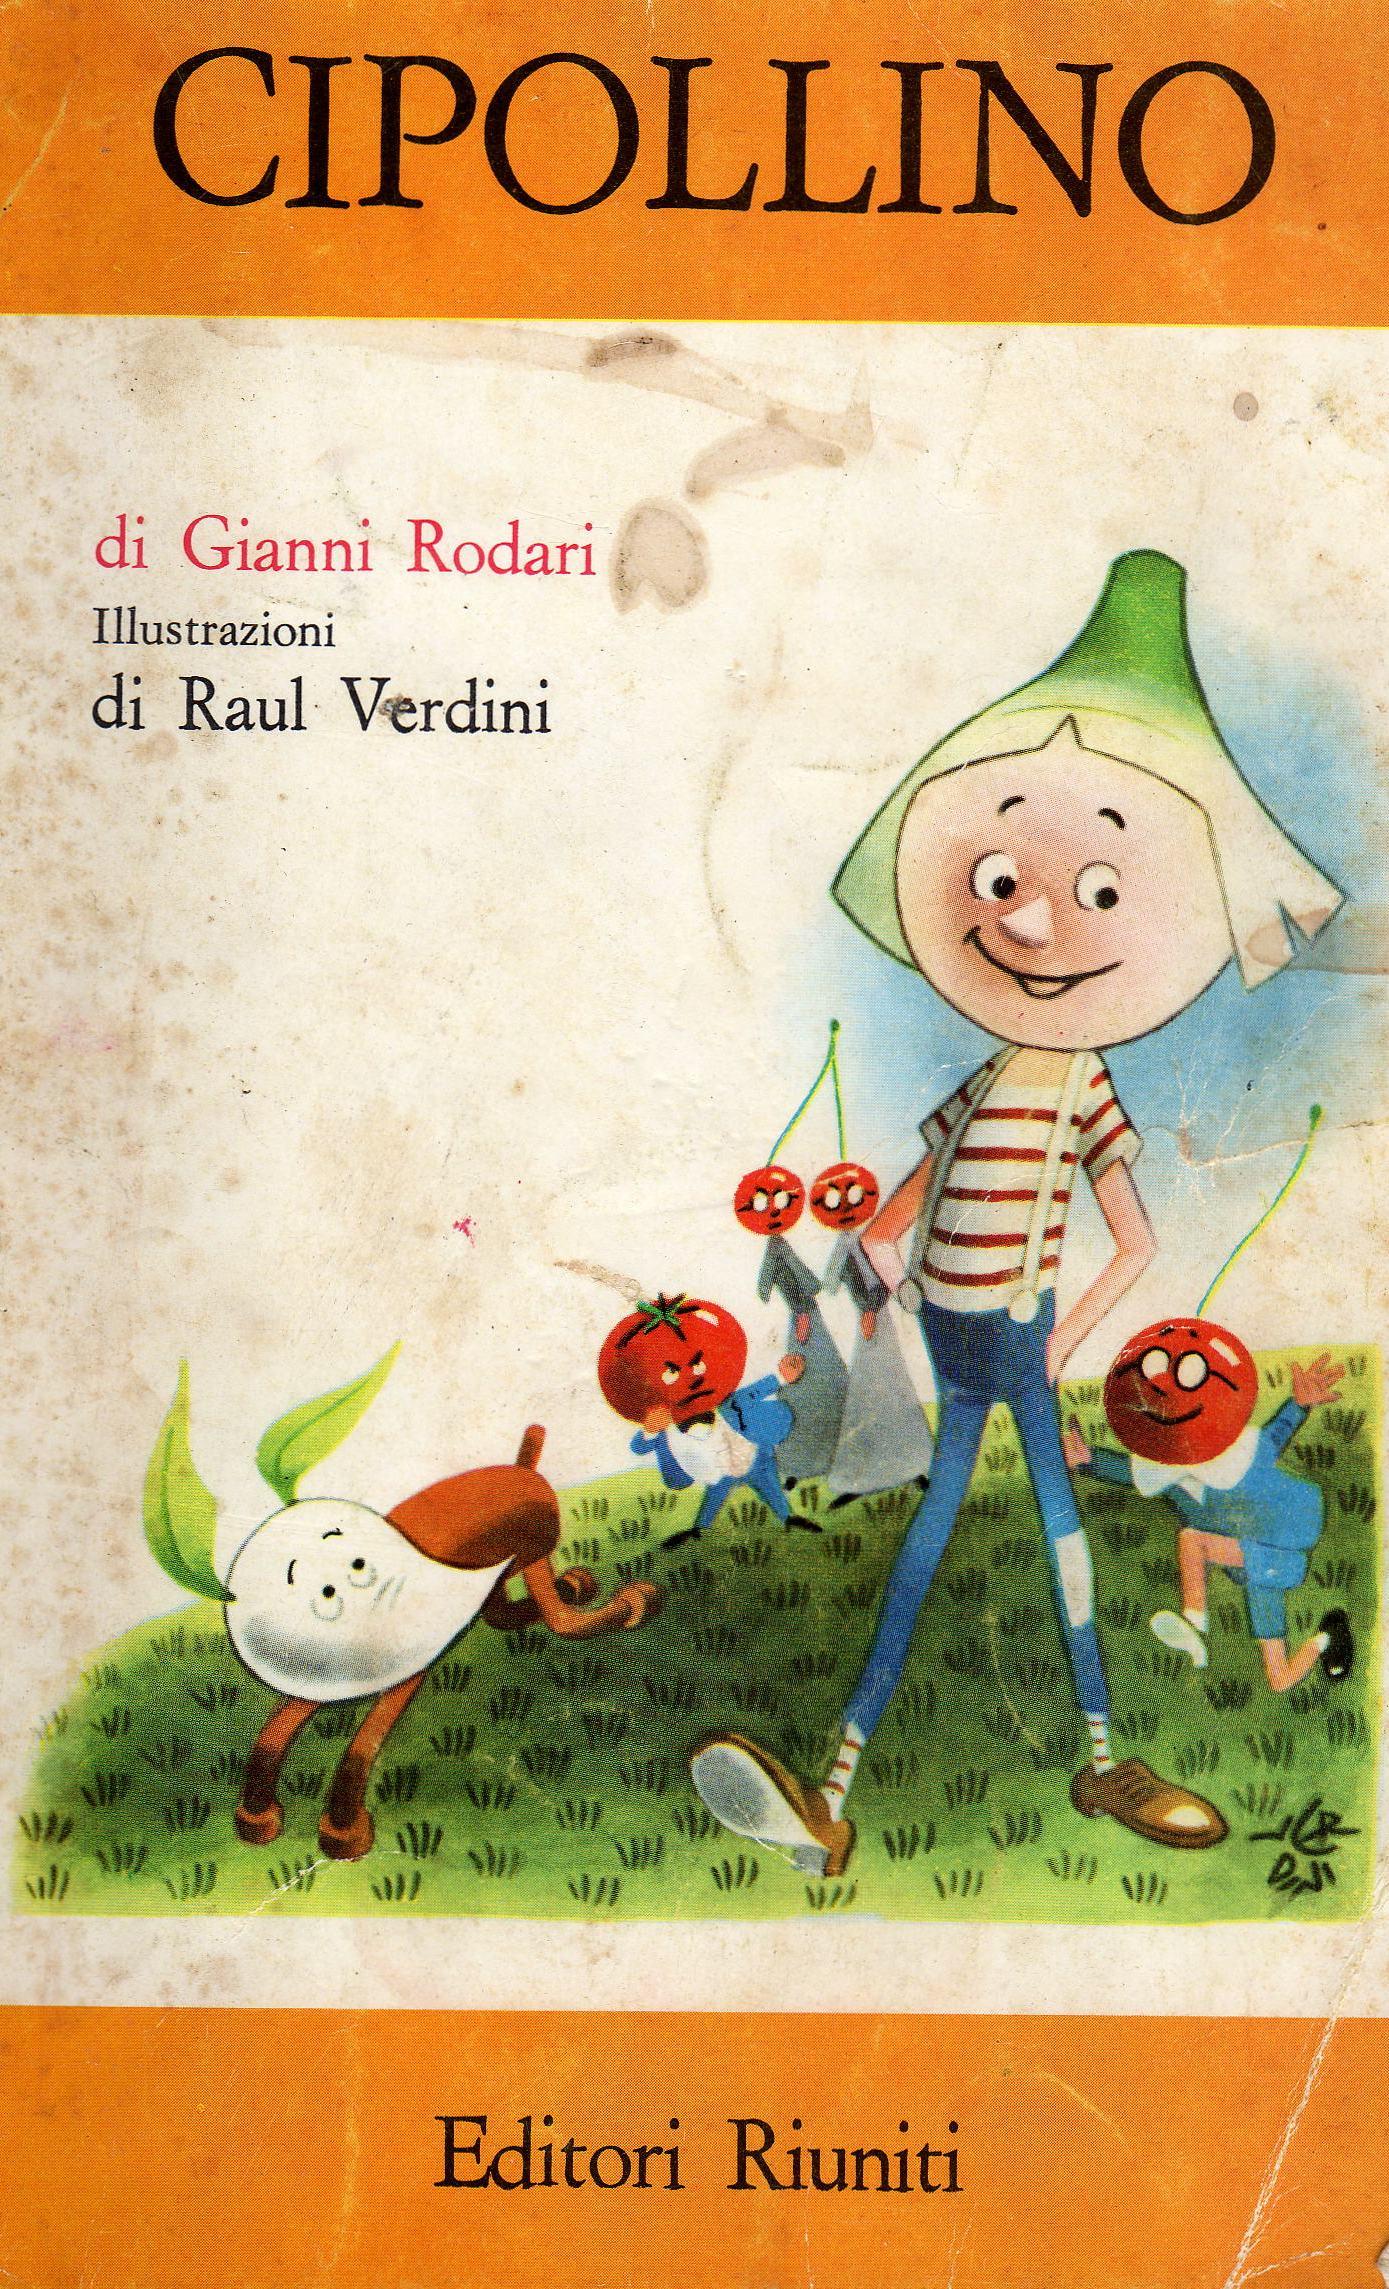 Cipollino Gianni Rodari 32 Recensioni Editori Riuniti